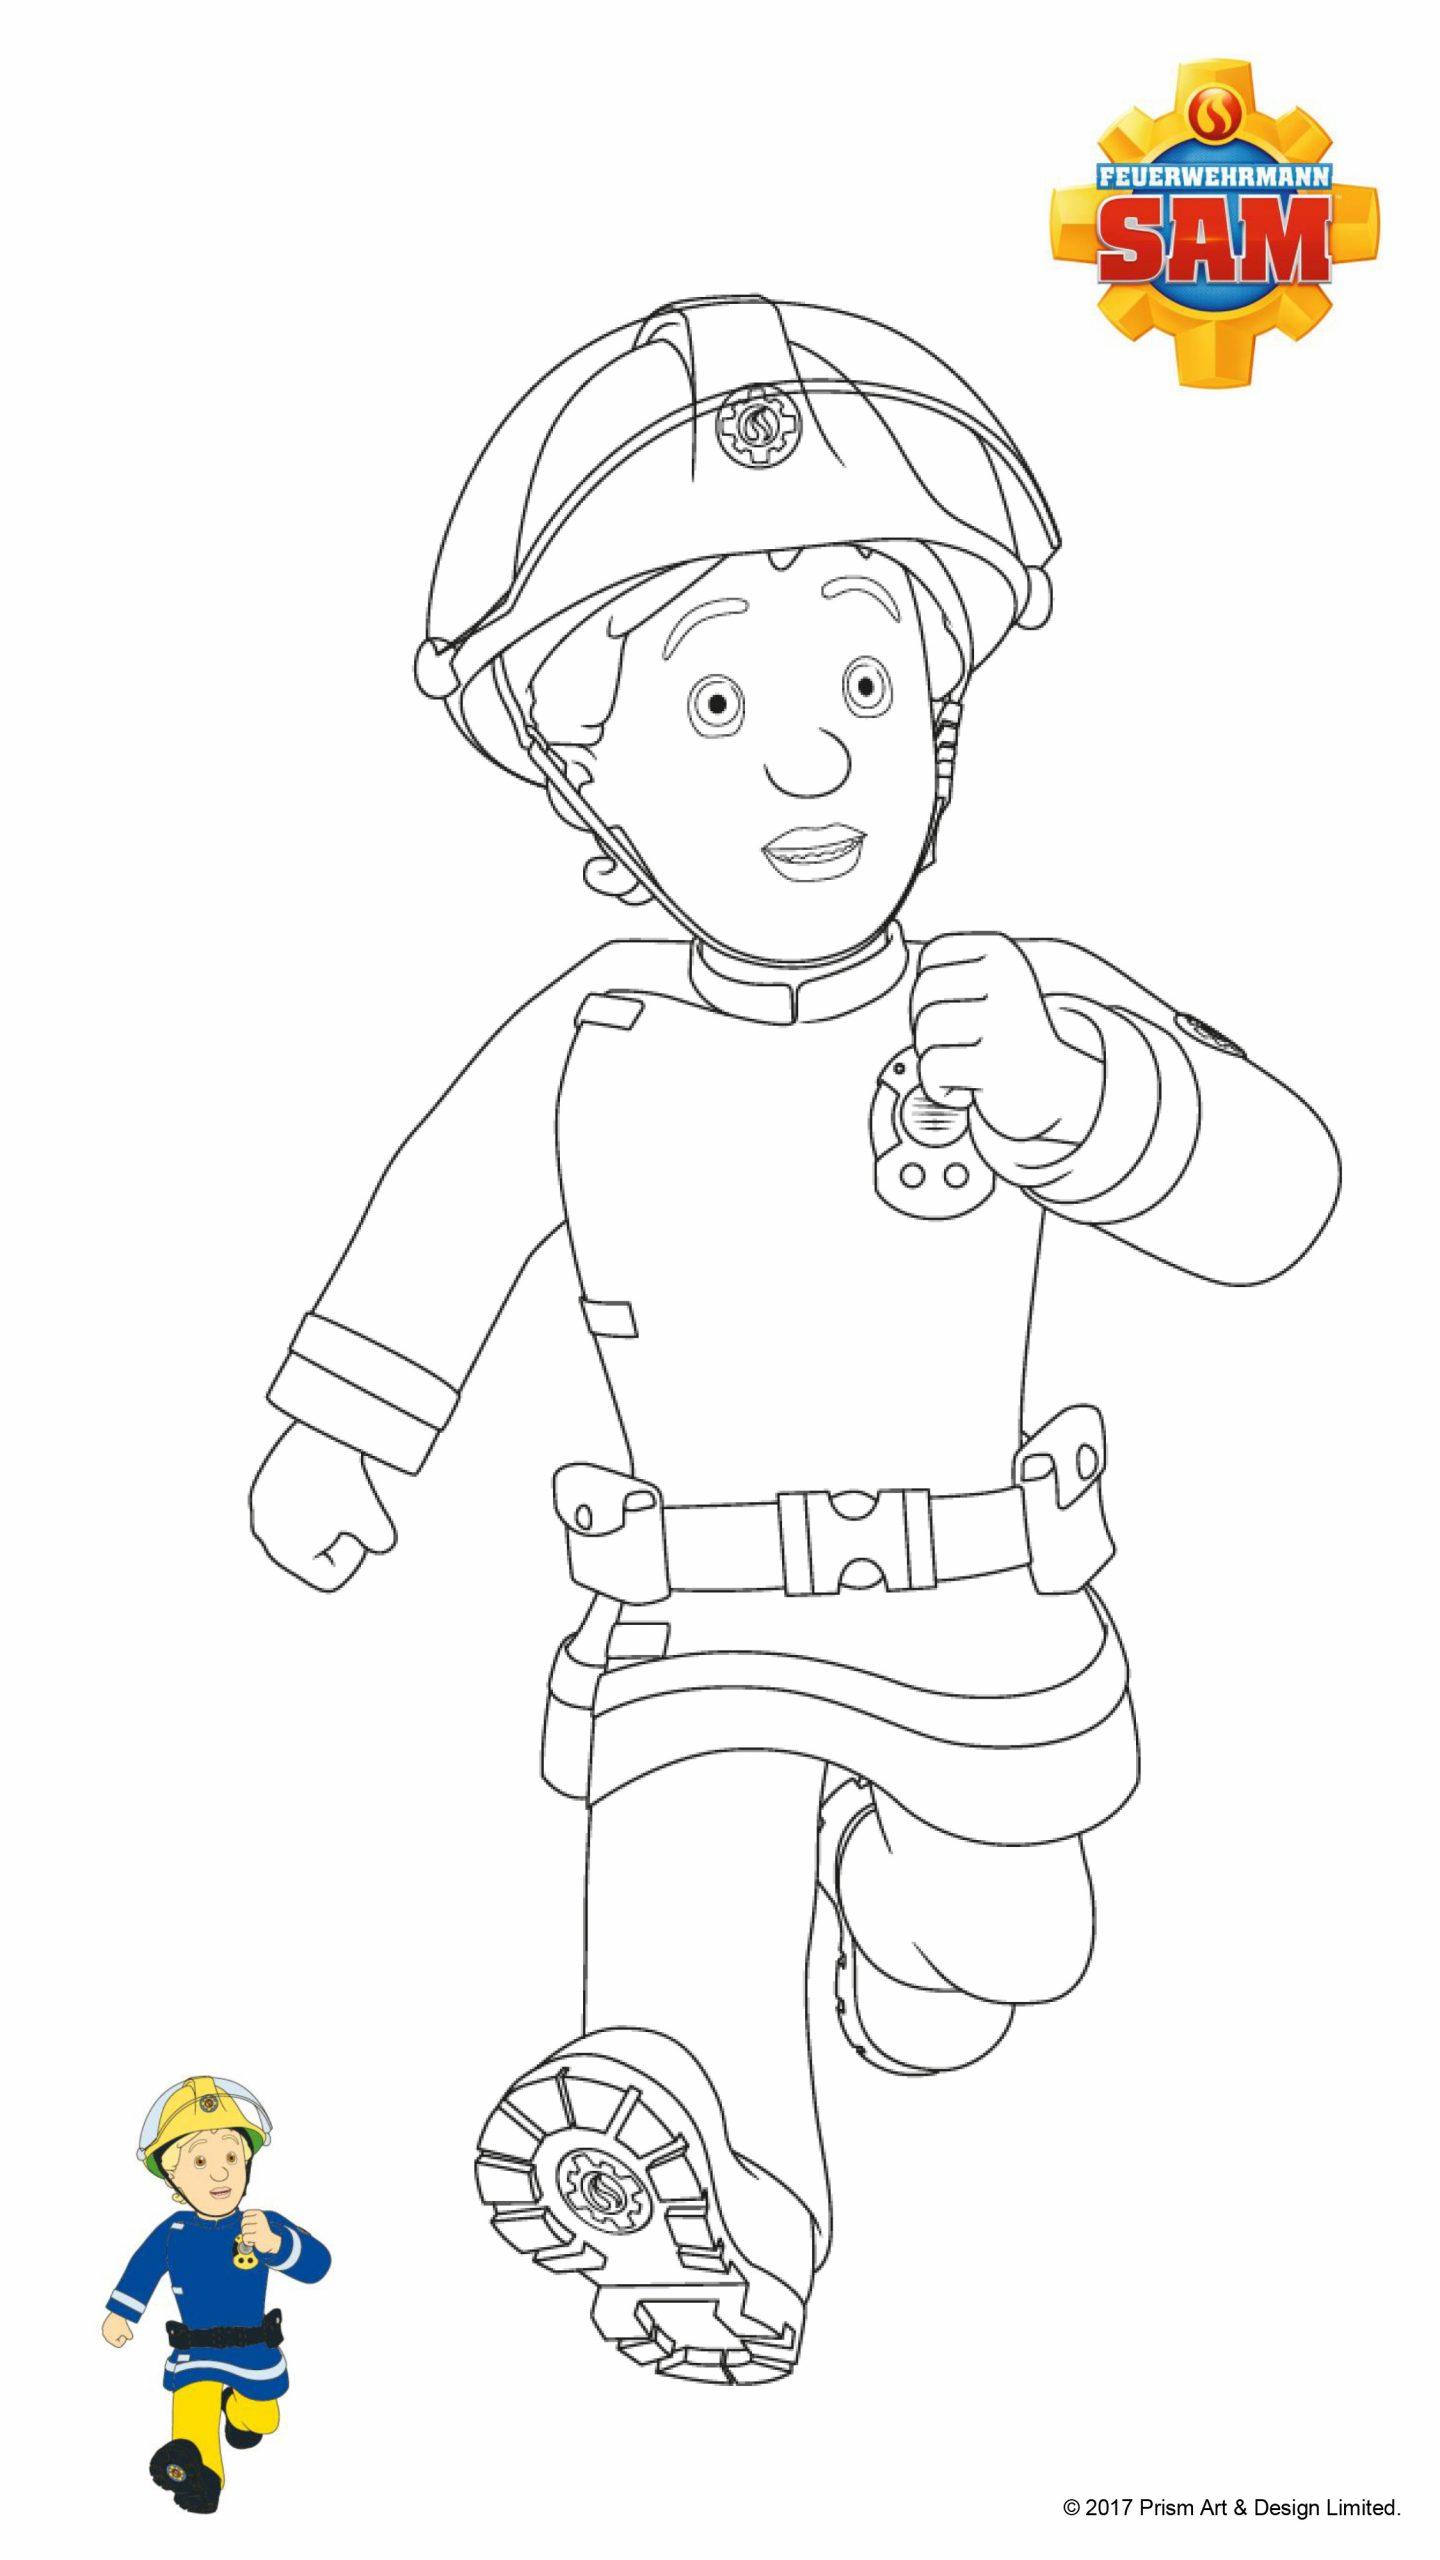 Feuerwehrmann Sam Ausmalbilder | Mytoys Blog verwandt mit Ausmalbild Feuerwehrmann Sam